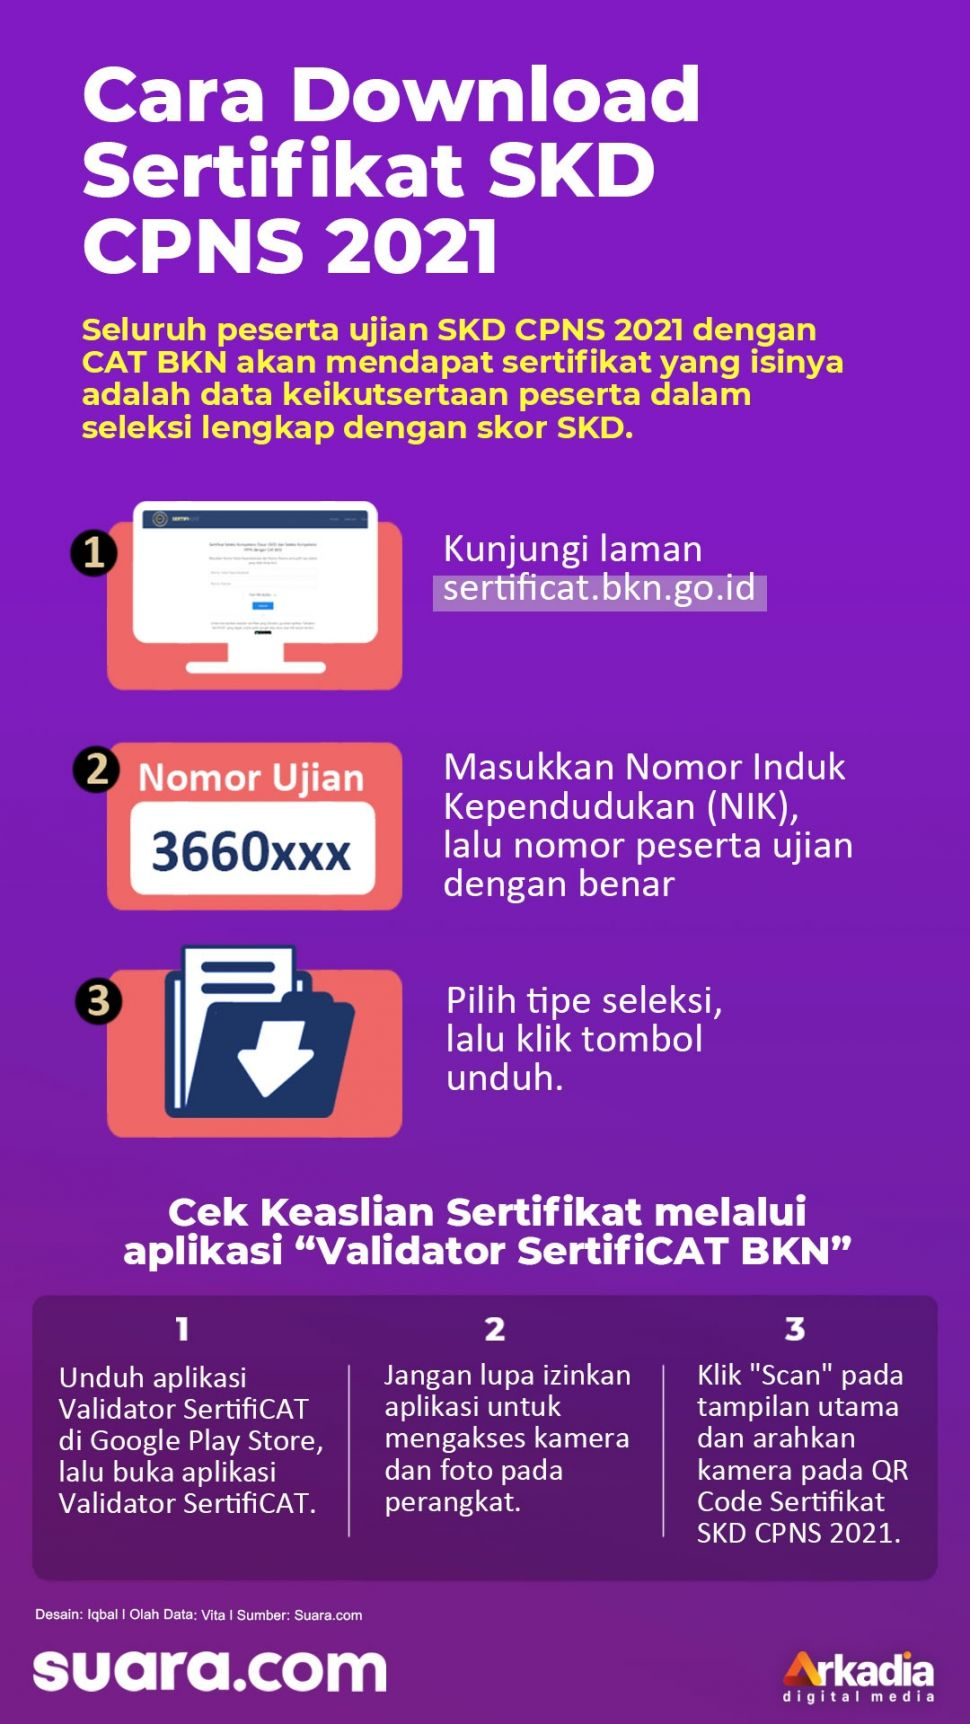 INFOGRAFIS: Cara Download Sertifikat SKD CPNS 2021